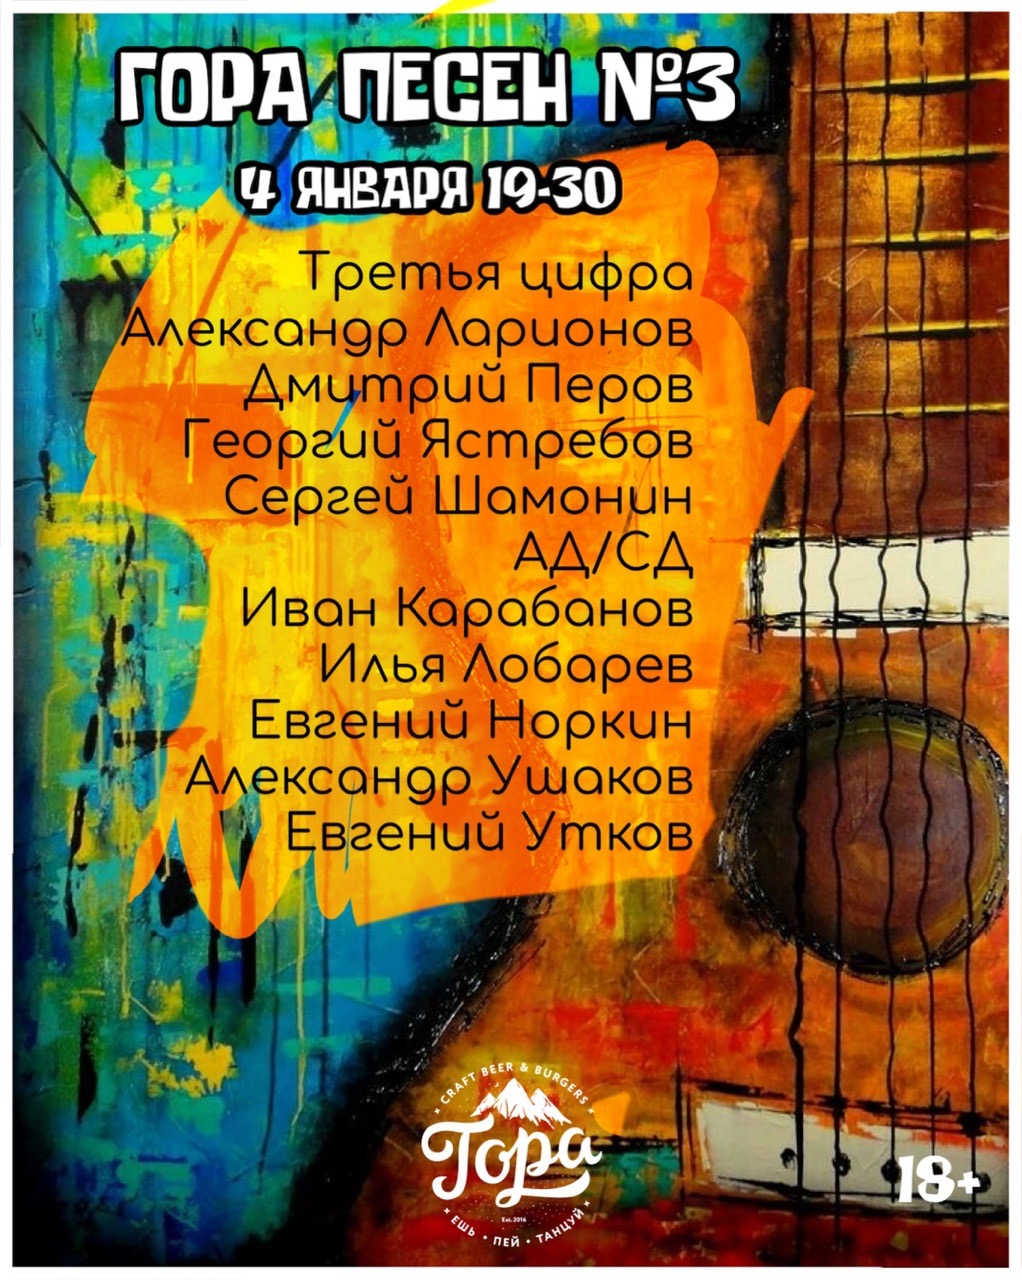 Музыкальный проект «Гора песен»